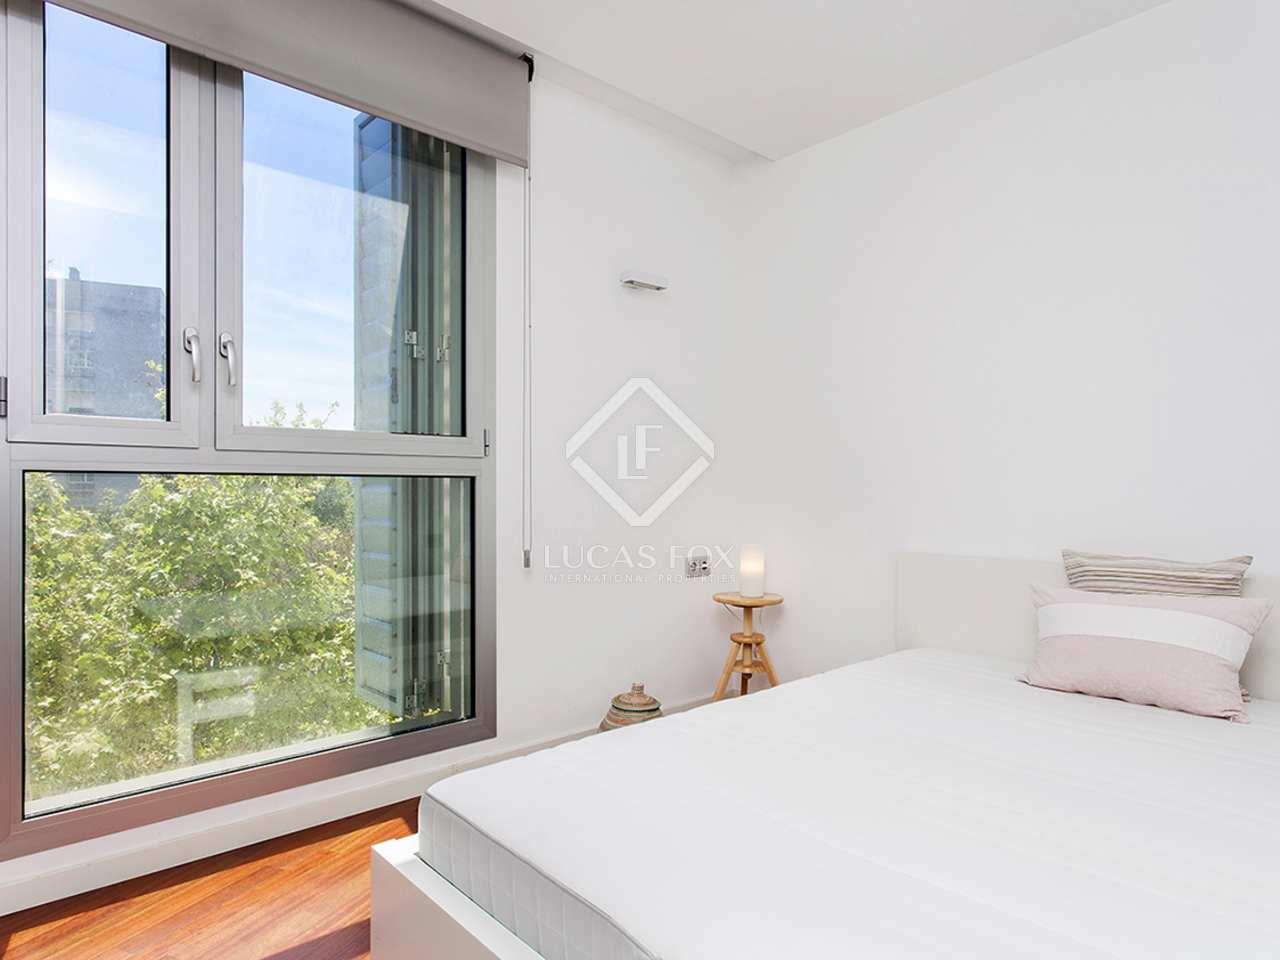 Appartement de 83m a louer barceloneta barcelone for Appartement a louer a barcelone avec piscine